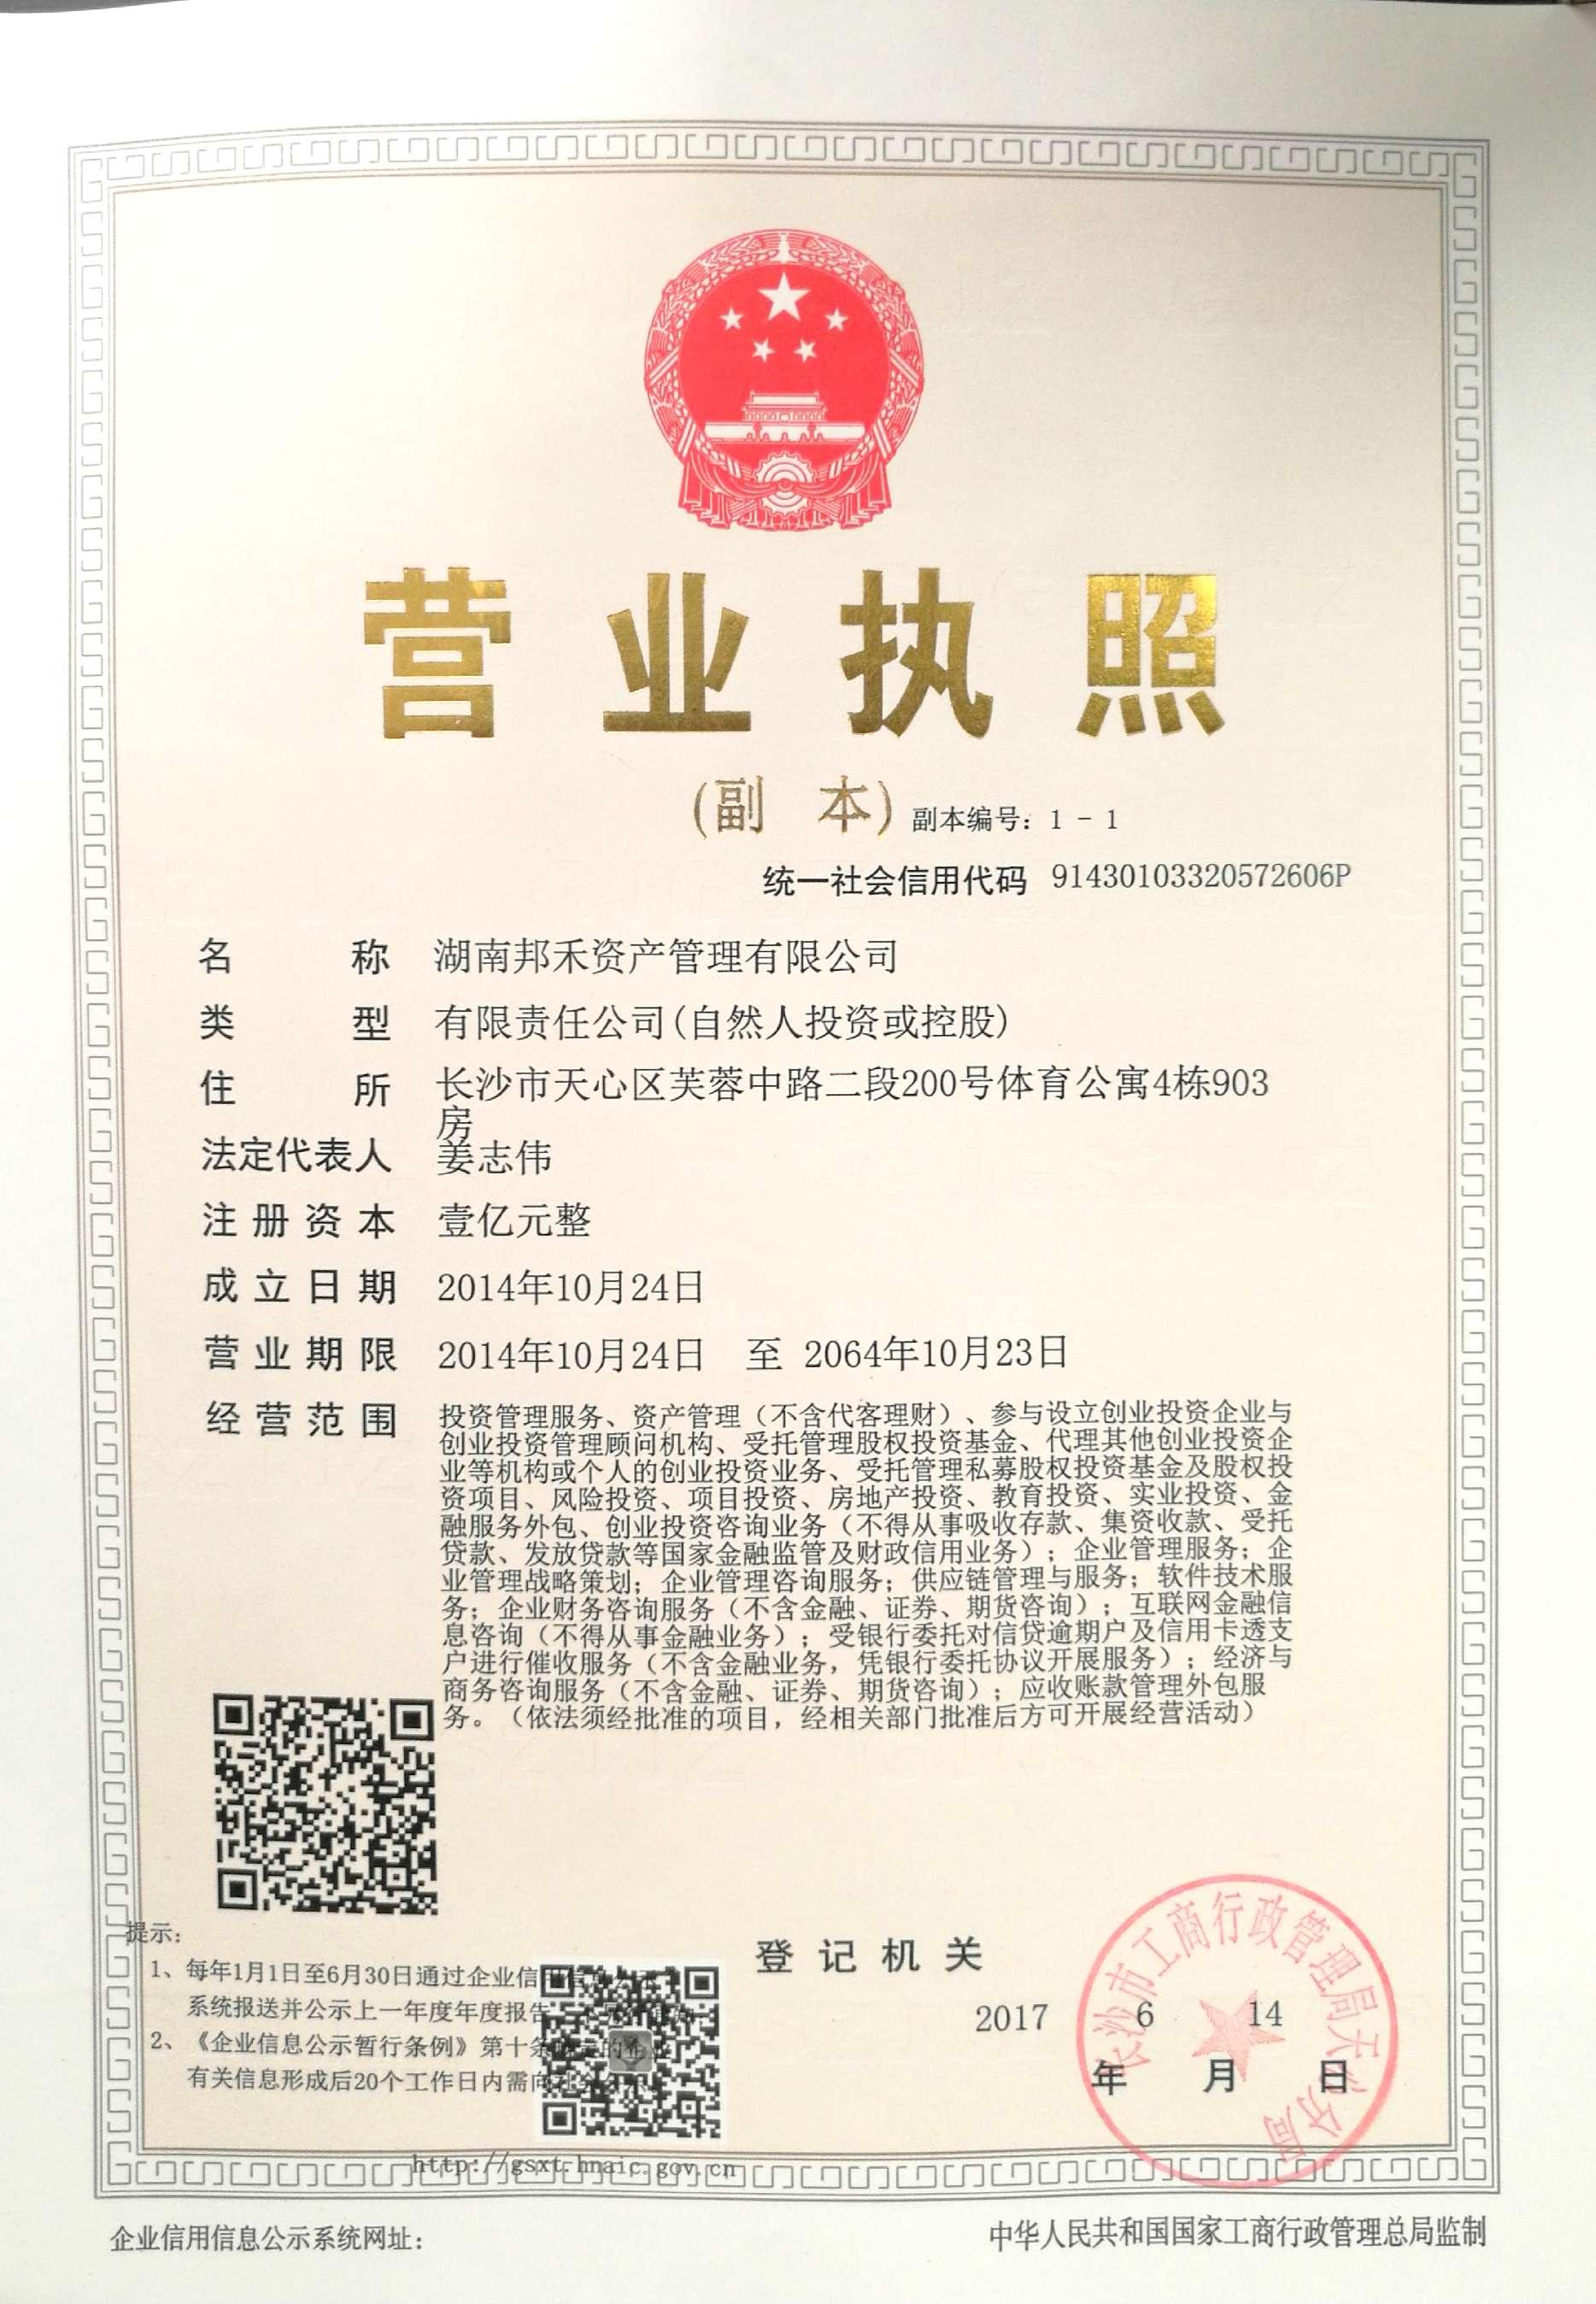 湖南省邦禾資產管理有限公司